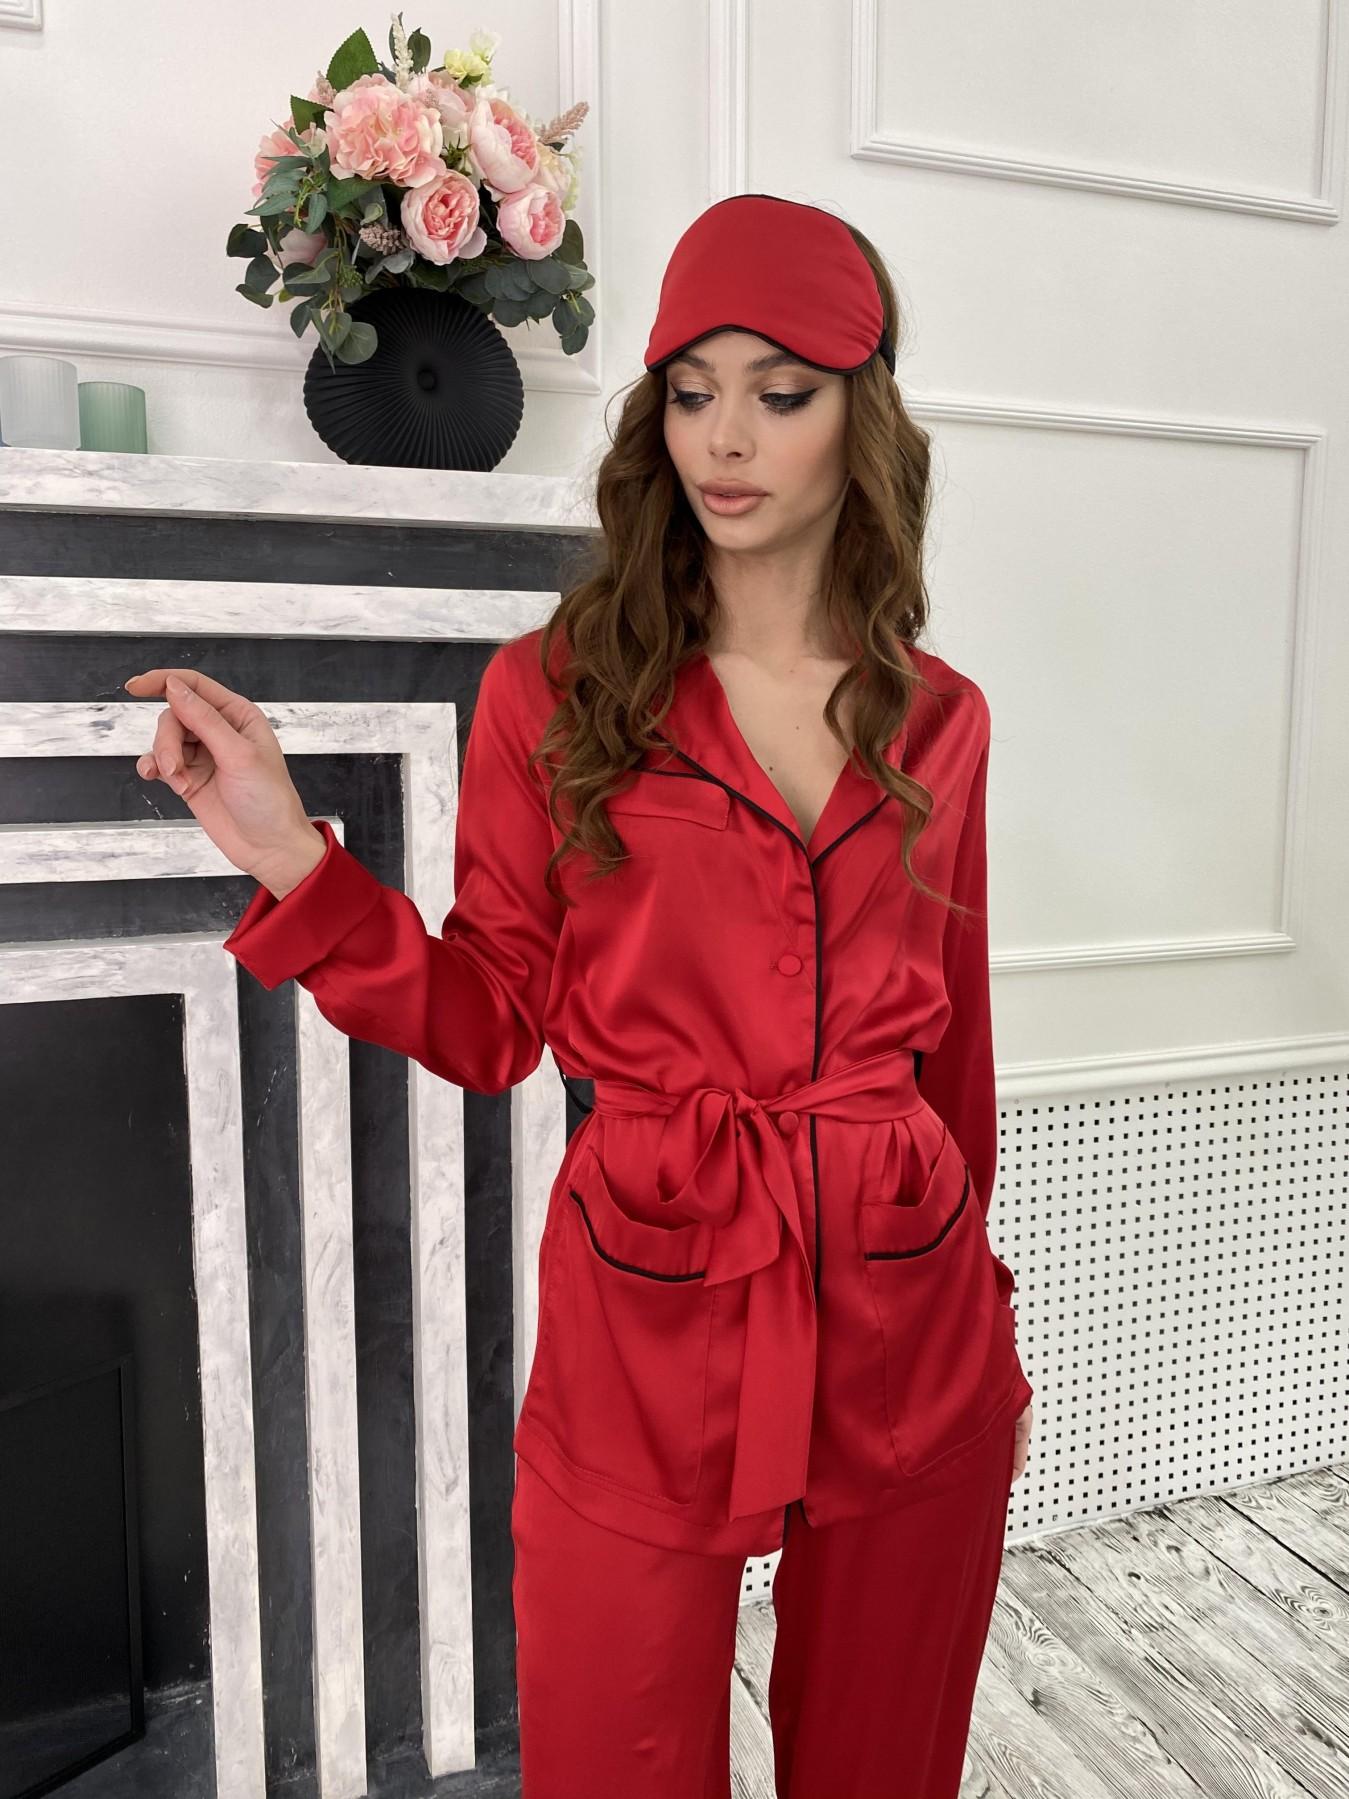 Шайн костюм из шелка  10778 АРТ. 47215 Цвет: Красный - фото 5, интернет магазин tm-modus.ru